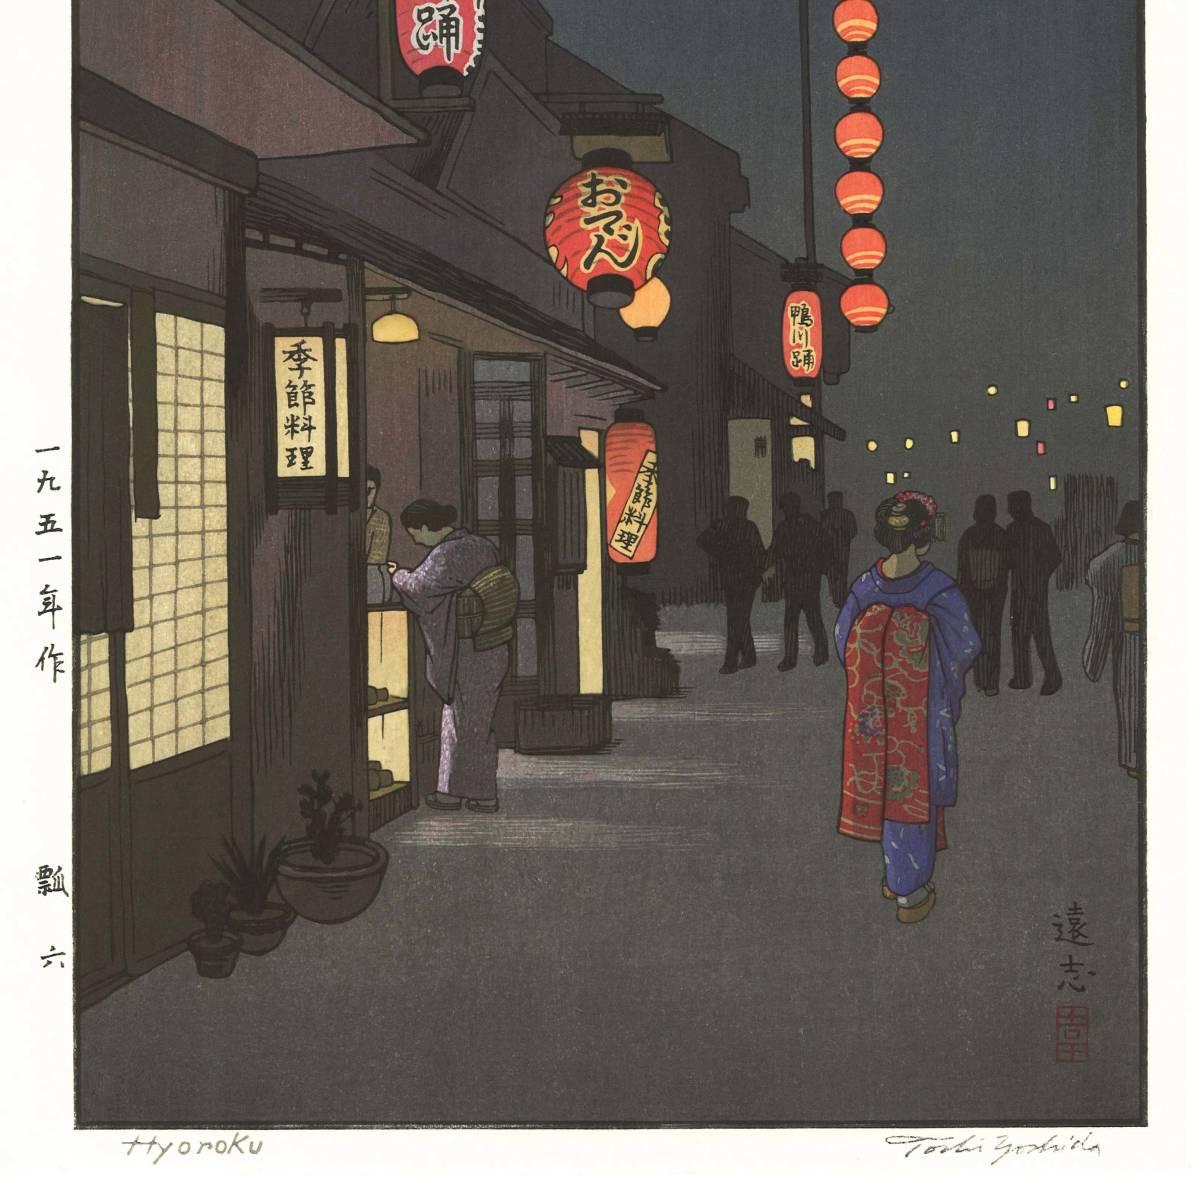 吉田遠志 木版画 018501 瓢六 (Hyoroku) 初摺1951年  最高峰の摺師の技をご堪能下さい!!_画像5